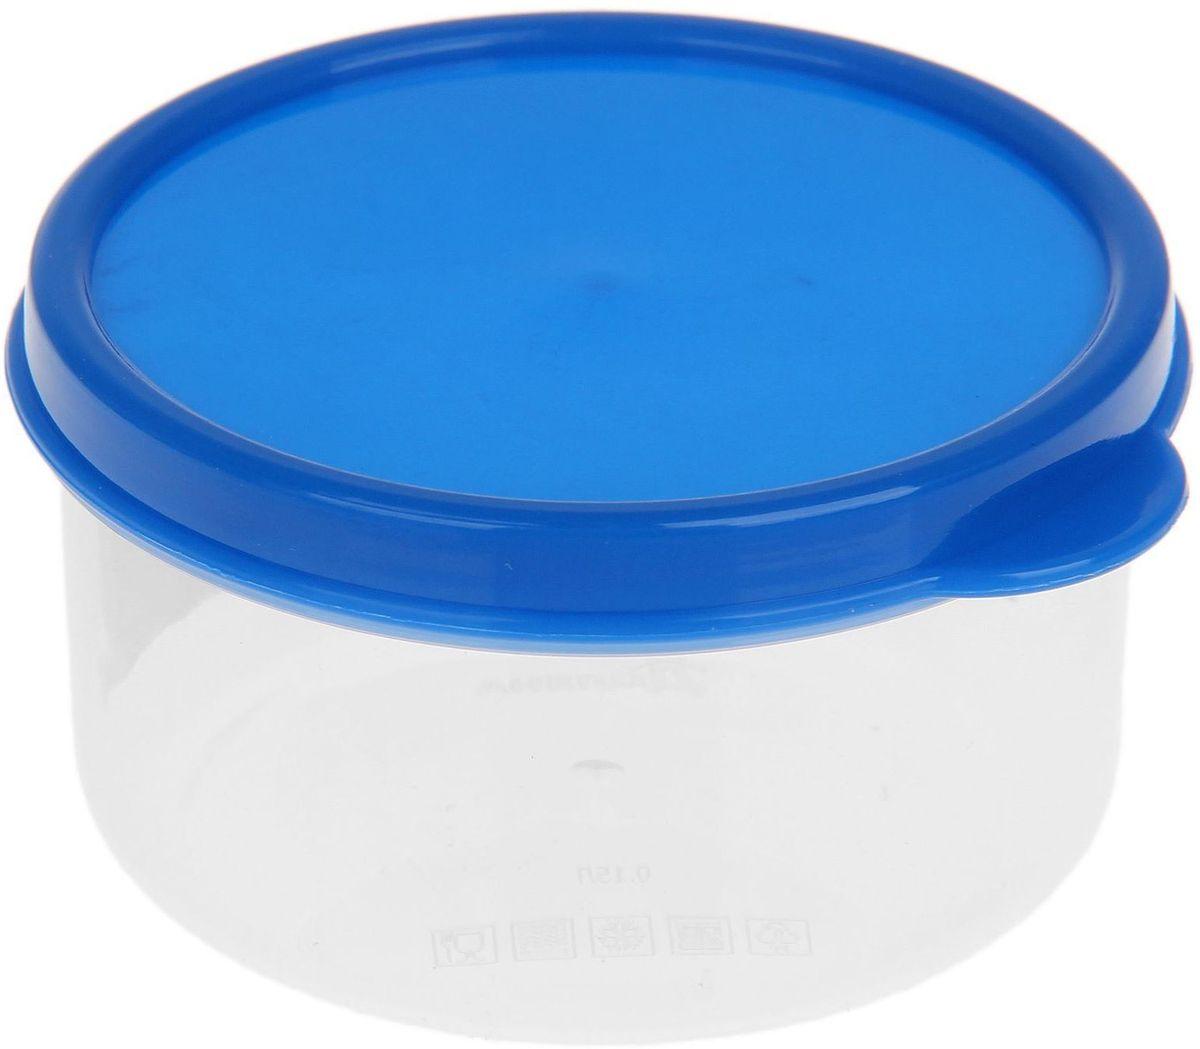 Контейнер пищевой Доляна, круглый, цвет: синий, 150 млVT-1520(SR)Если после вкусного обеда осталась еда, а насладиться трапезой хочется и на следующий день, ланч-бокс станет отличным решением данной проблемы!Такой контейнер является незаменимым предметом кухонной утвари, ведь у него много преимуществ:Простота ухода. Ланч-бокс достаточно промыть тёплой водой с небольшим количеством чистящего средства, и он снова готов к использованию.Вместительность. Большой выбор форм и объёма поможет разместить разнообразные продукты от сахара до супов.Эргономичность. Ланч-боксы очень легко хранить даже в самой маленькой кухне, так как их можно поставить один в другой по принципу матрёшки.Многофункциональность. Разнообразие цветов и форм делает возможным использование контейнеров не только на кухне, но и в других областях домашнего быта.Любители приготовления обеда на всю семью в большинстве случаев приобретают ланч-боксы наборами, так как это позволяет рассортировать продукты по всевозможным признакам. К тому же контейнеры среднего размера станут незаменимыми помощниками на работе: ведь что может быть приятнее, чем порадовать себя во время обеда прекрасной едой, заботливо сохранённой в контейнере?В качестве материала для изготовления используется пластик, что делает процесс ухода за контейнером ещё более эффективным. К каждому ланч-боксу в комплекте также прилагается крышка подходящего размера, это позволяет плотно и надёжно удерживать запах еды и упрощает процесс транспортировки.Однако рекомендуется соблюдать и меры предосторожности: не использовать пластиковые контейнеры в духовых шкафах и на открытом огне, а также не разогревать в микроволновых печах при закрытой крышке ланч-бокса. Соблюдение мер безопасности позволит продлить срок эксплуатации и сохранить отличный внешний вид изделия.Эргономичный дизайн и многофункциональность таких контейнеров — вот, что является причиной большой популярности данного предмета у каждой хозяйки. А в преддверии лета и дачного сезона такое приобр